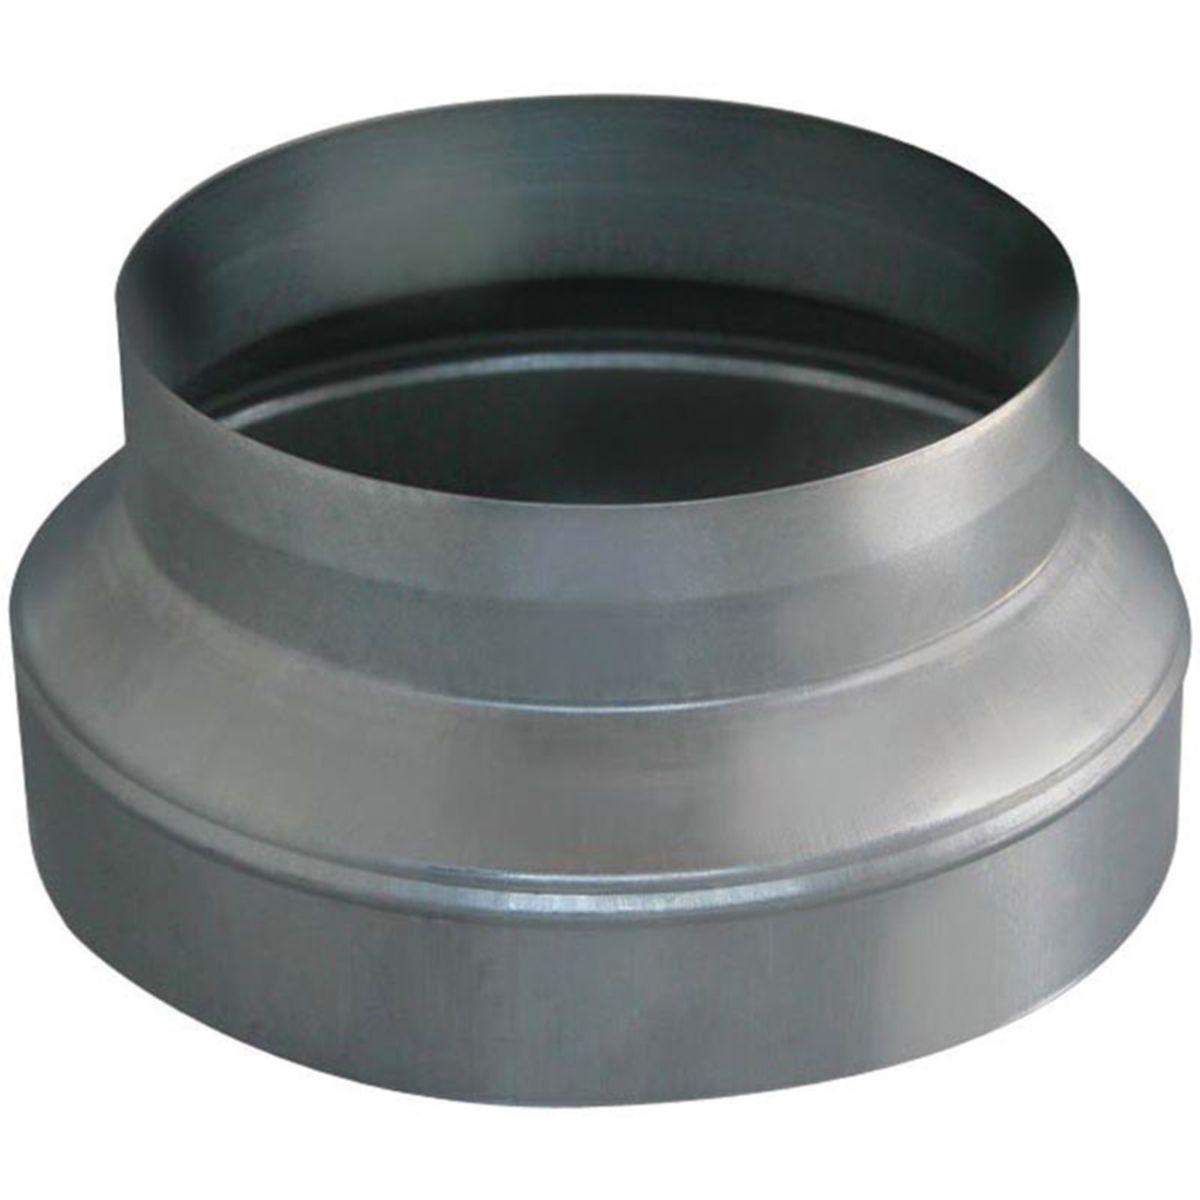 Réducteur concentrique galva diamètre 400-315mm Réf. RCCD0400/0315